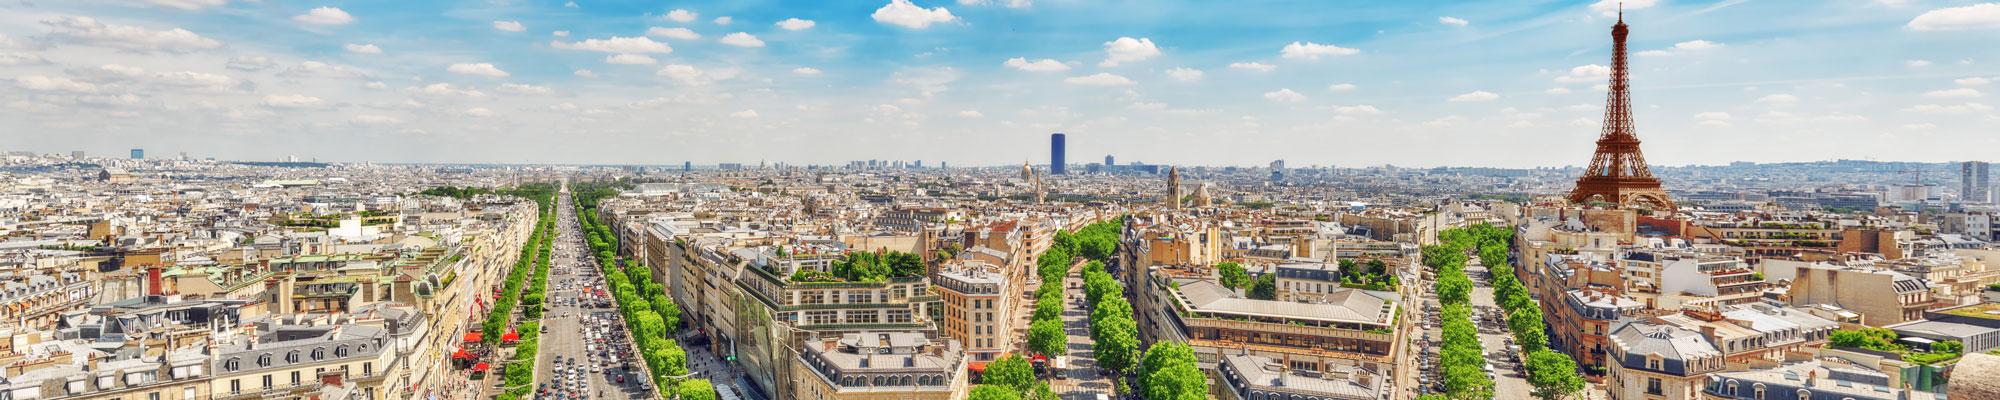 Mastère à Paris / Diplôme Bac+5 en alternance